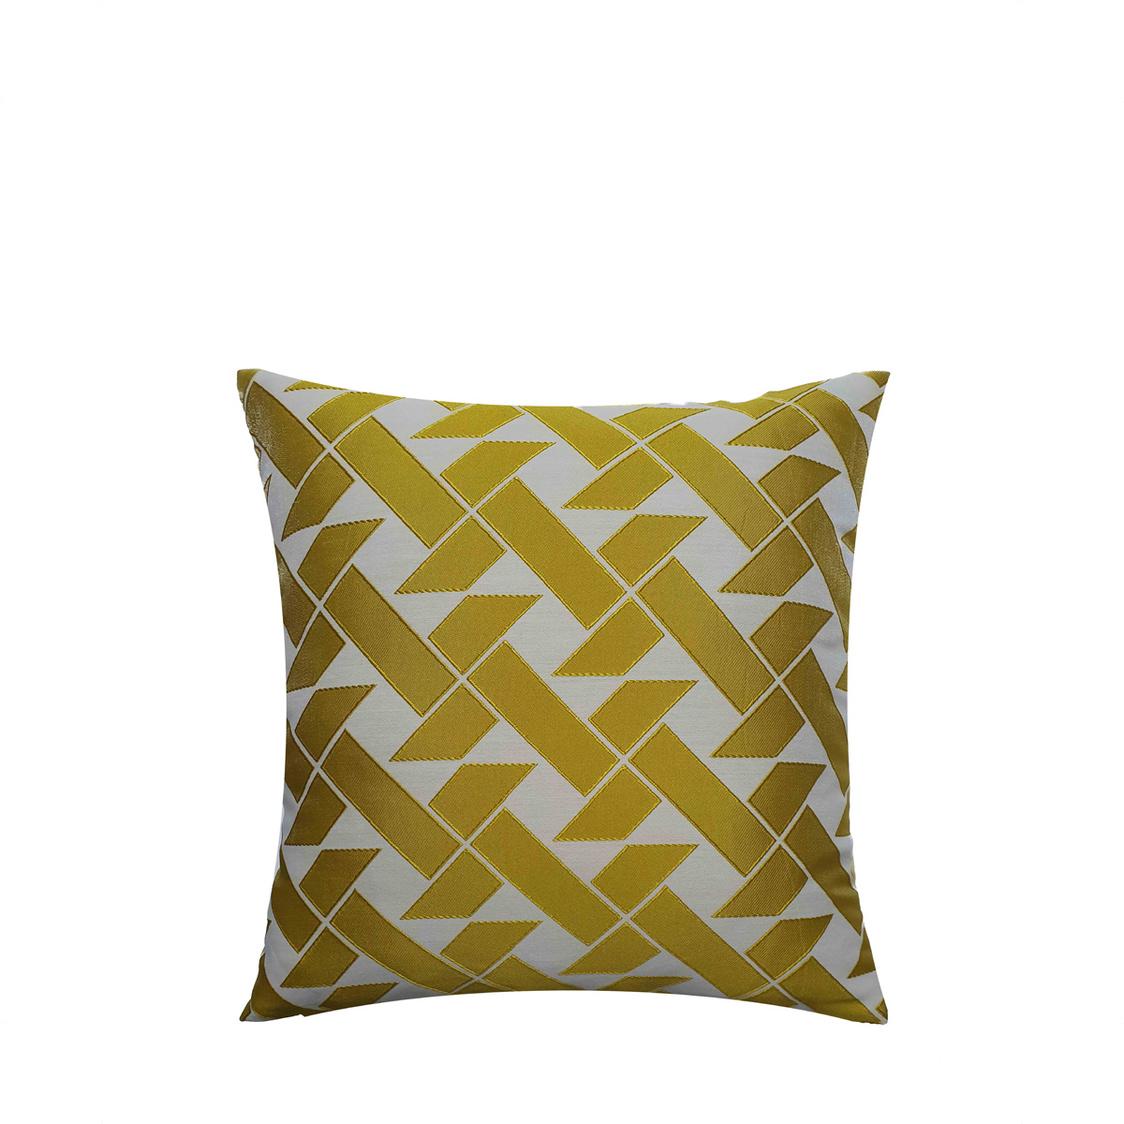 JRapee Galaxy Cushion Cover Yellow 43x43cm